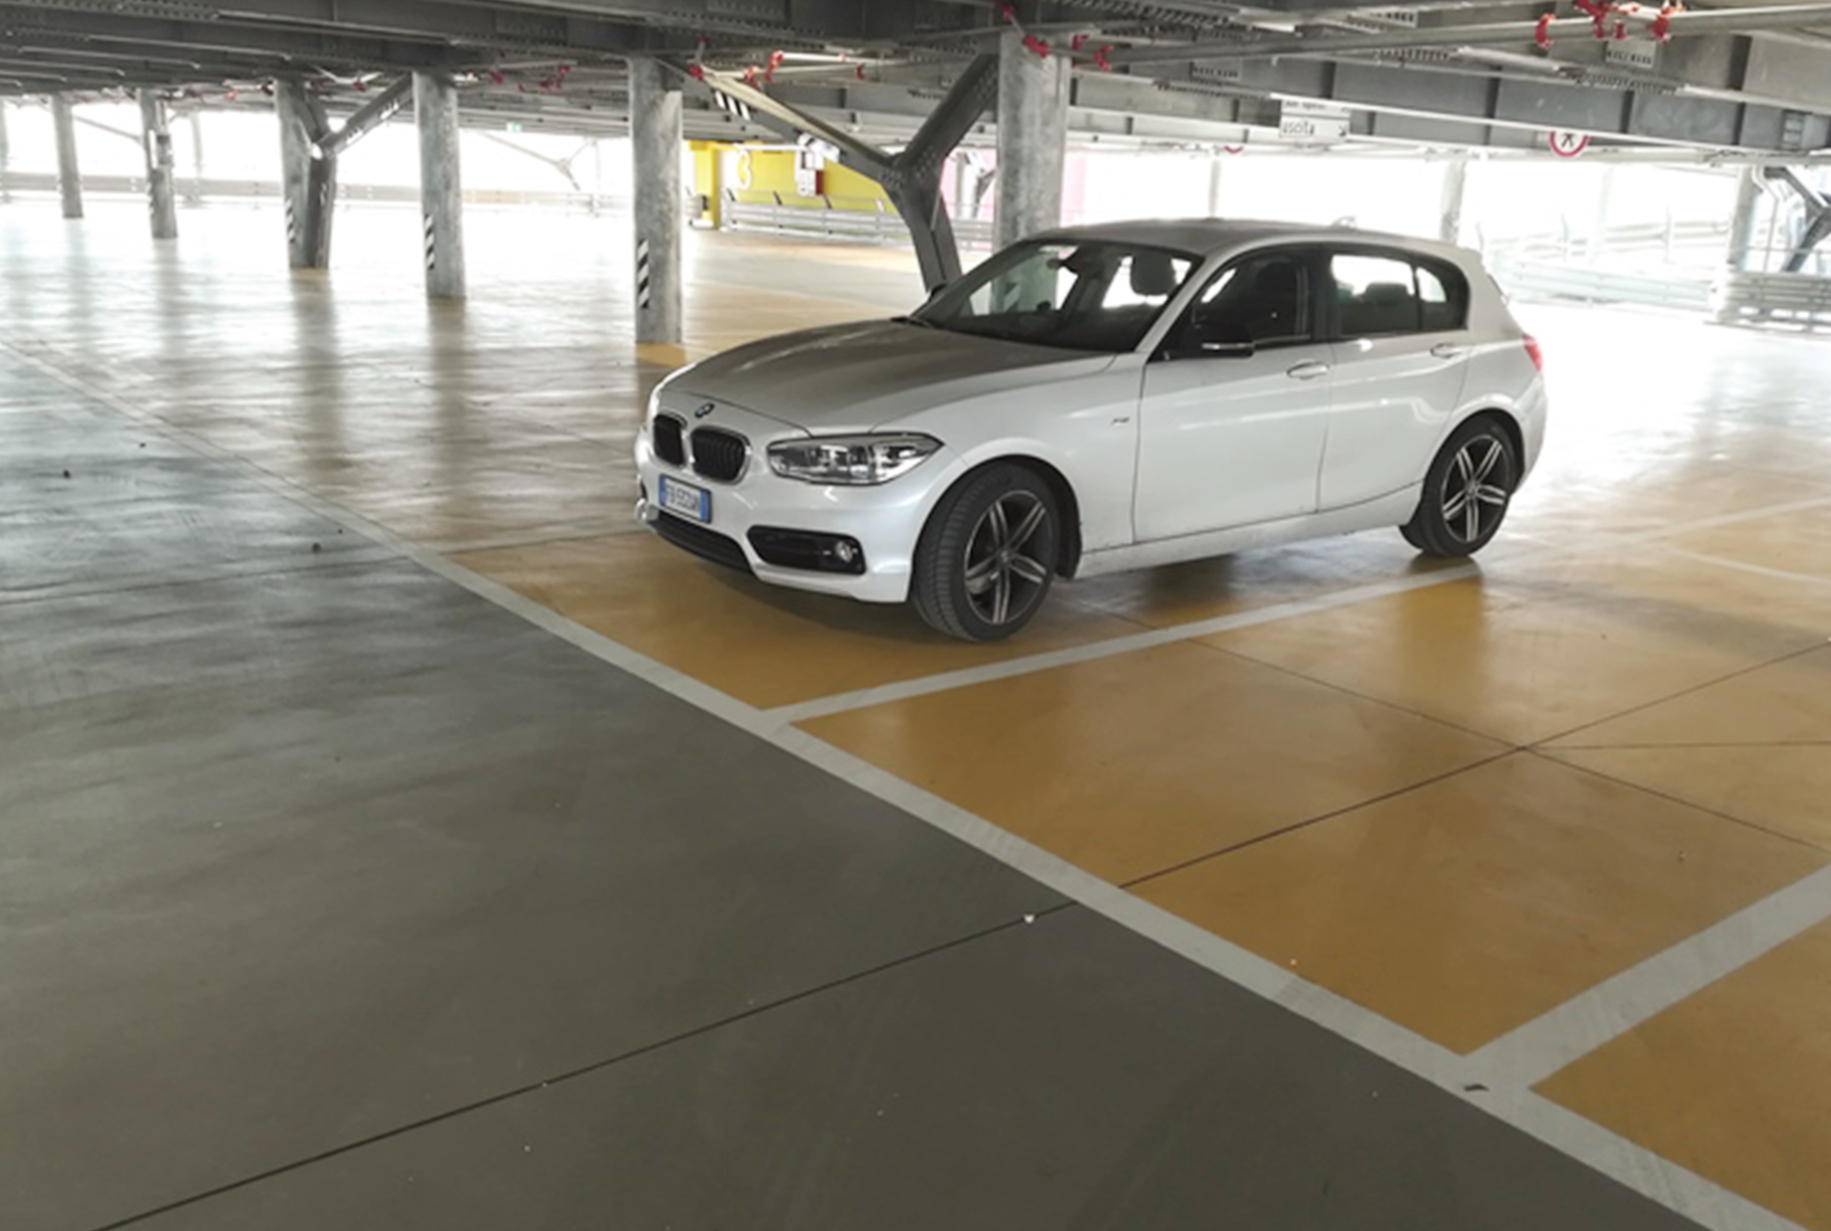 Car park floor coatings